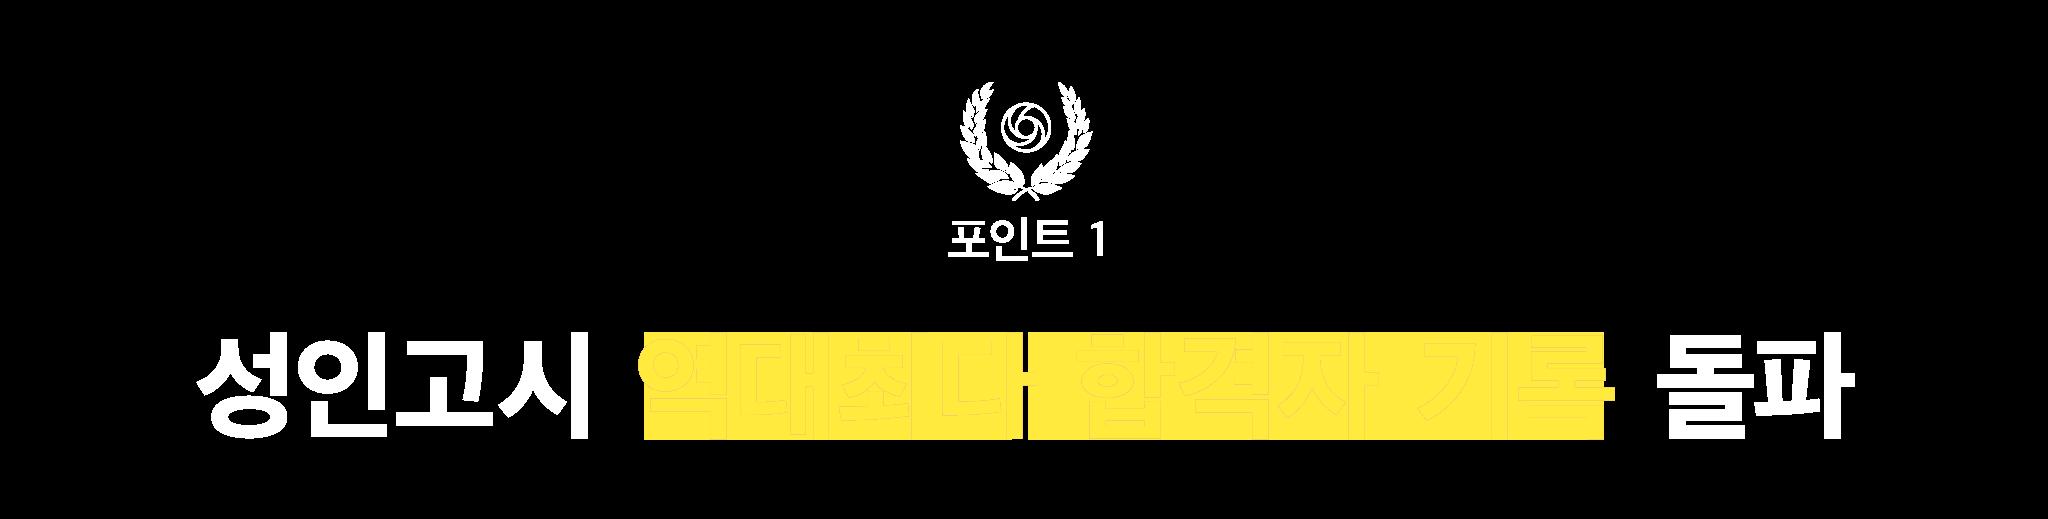 성인고시 역대최다 합격자 기록 돌파